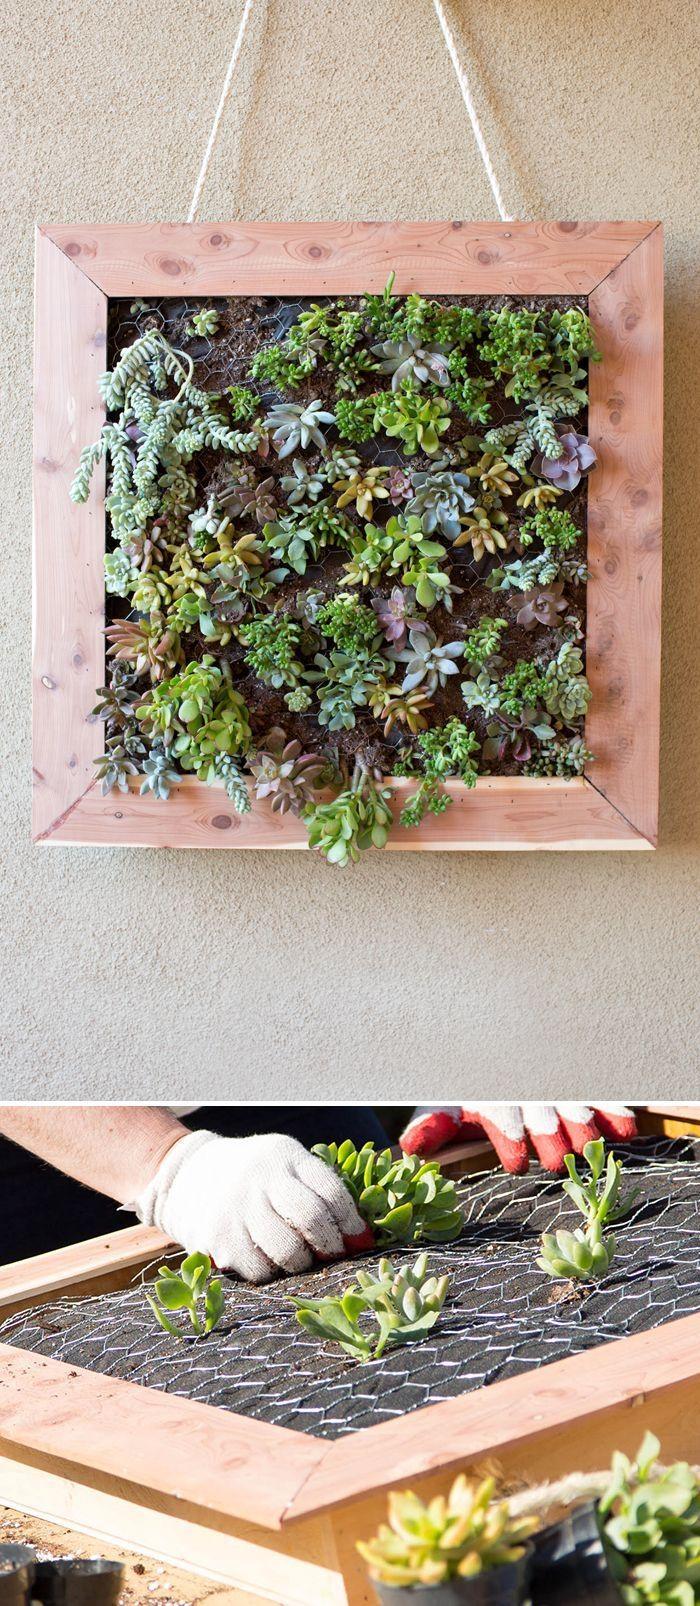 Best 25+ Wall Gardens Ideas On Pinterest | Vertical Garden Wall Inside Diy Garden Wall Art (Image 9 of 20)